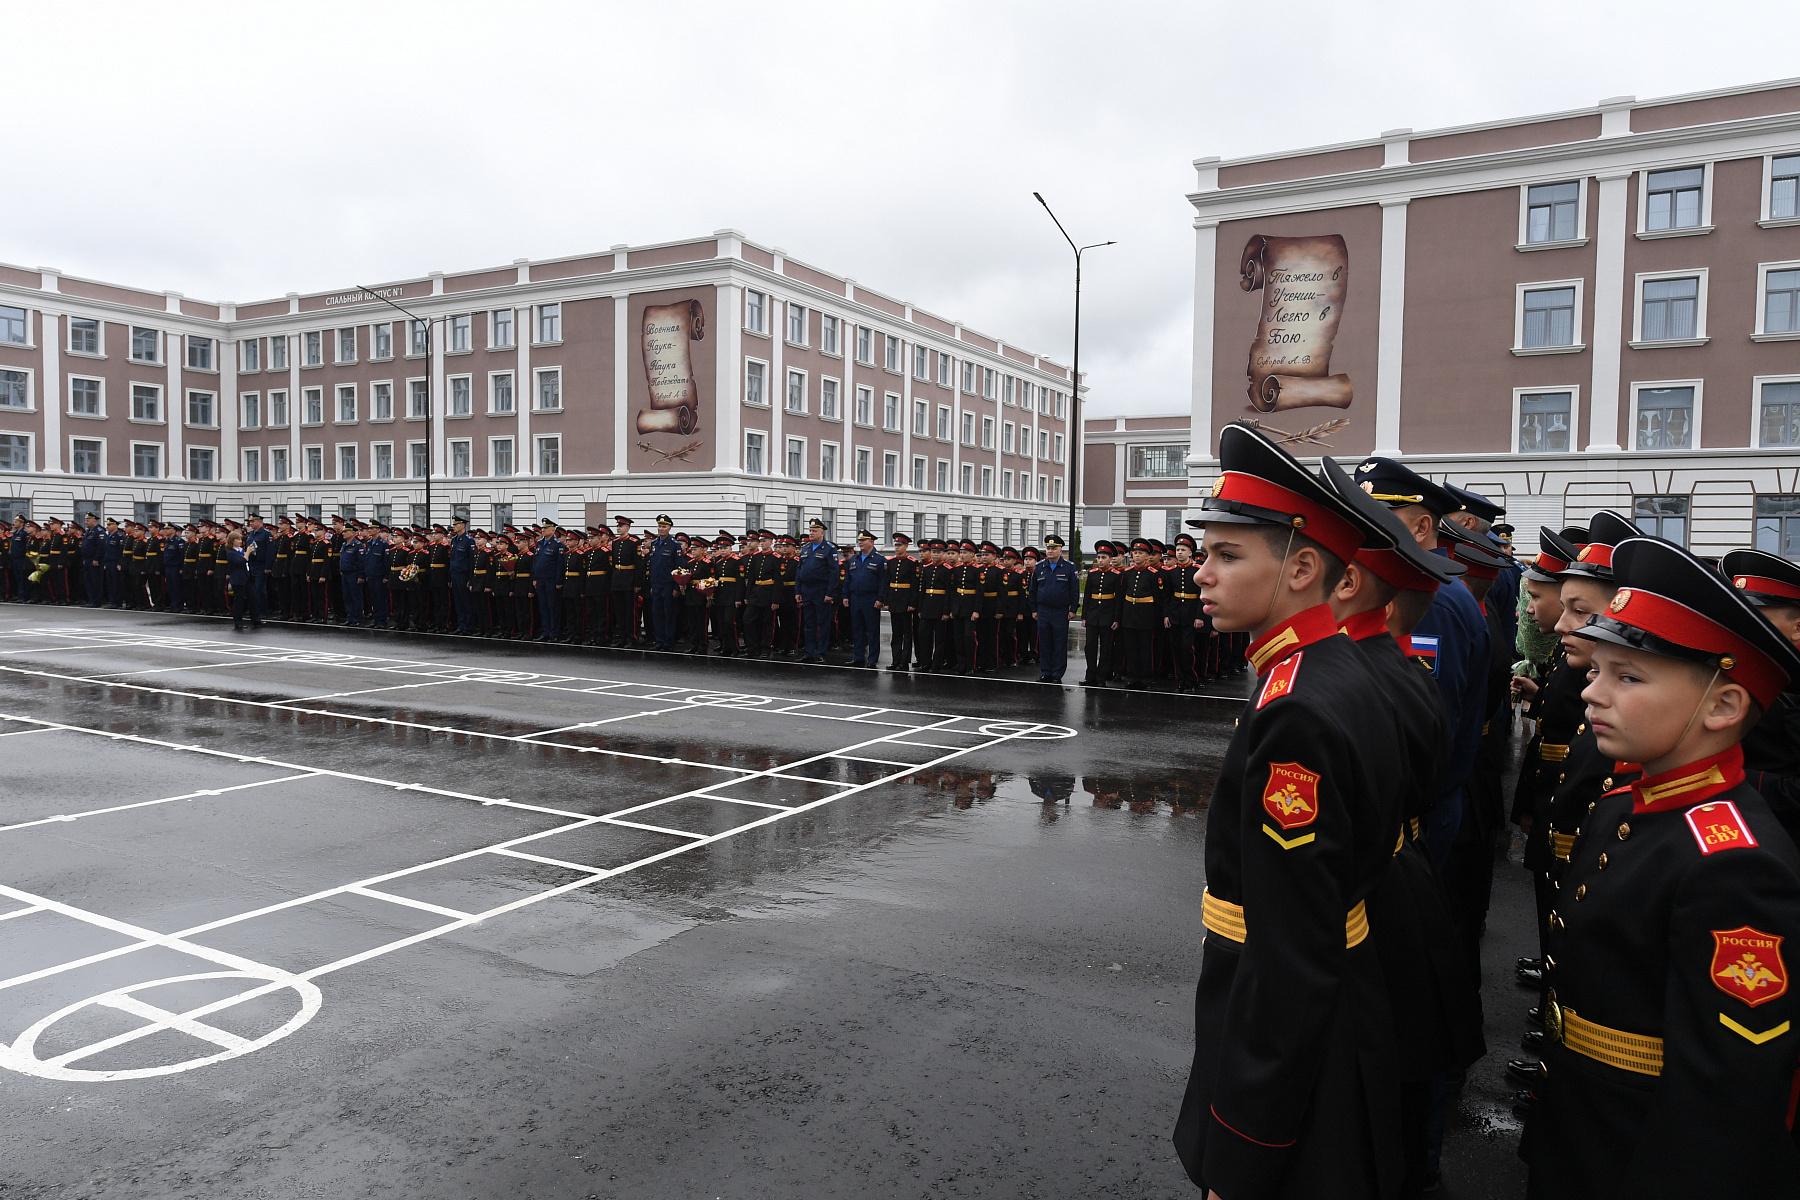 Russian Military academies/schools F_d3d3LnJlZ2lvbi50dmVyLnJ1L3VwbG9hZC9yZXNpemVfY2FjaGUvaWJsb2NrLzE0MS8xODAwXzE2MDBfMC9EU0NfNTI1OS5KUEc_X19pZD0xMzU0MTM=